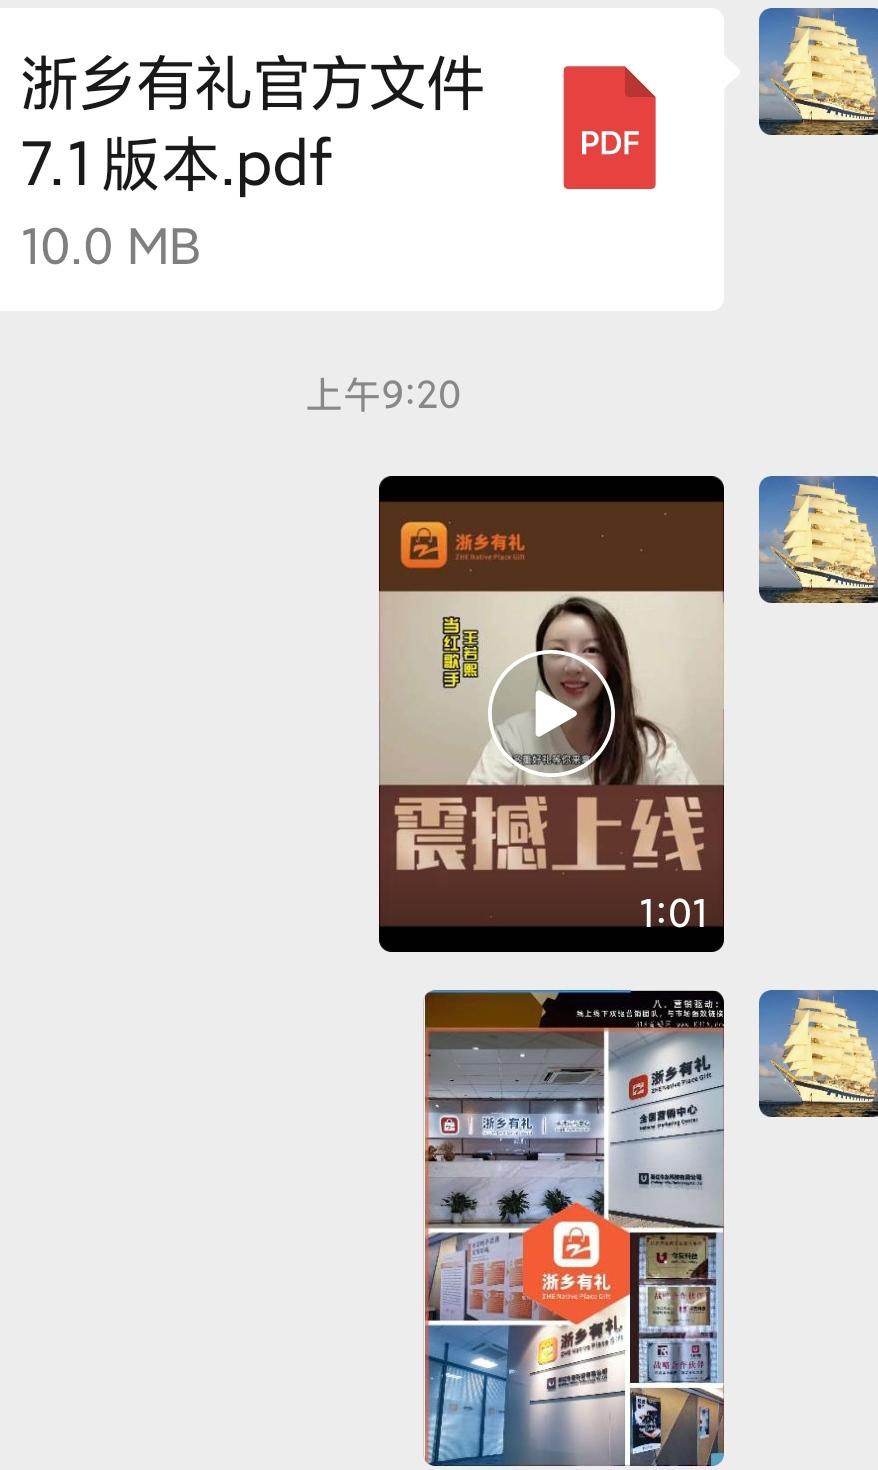 图片[3]-浙乡有礼拼团首码,全新模式撸红包拼团无压力-首码社